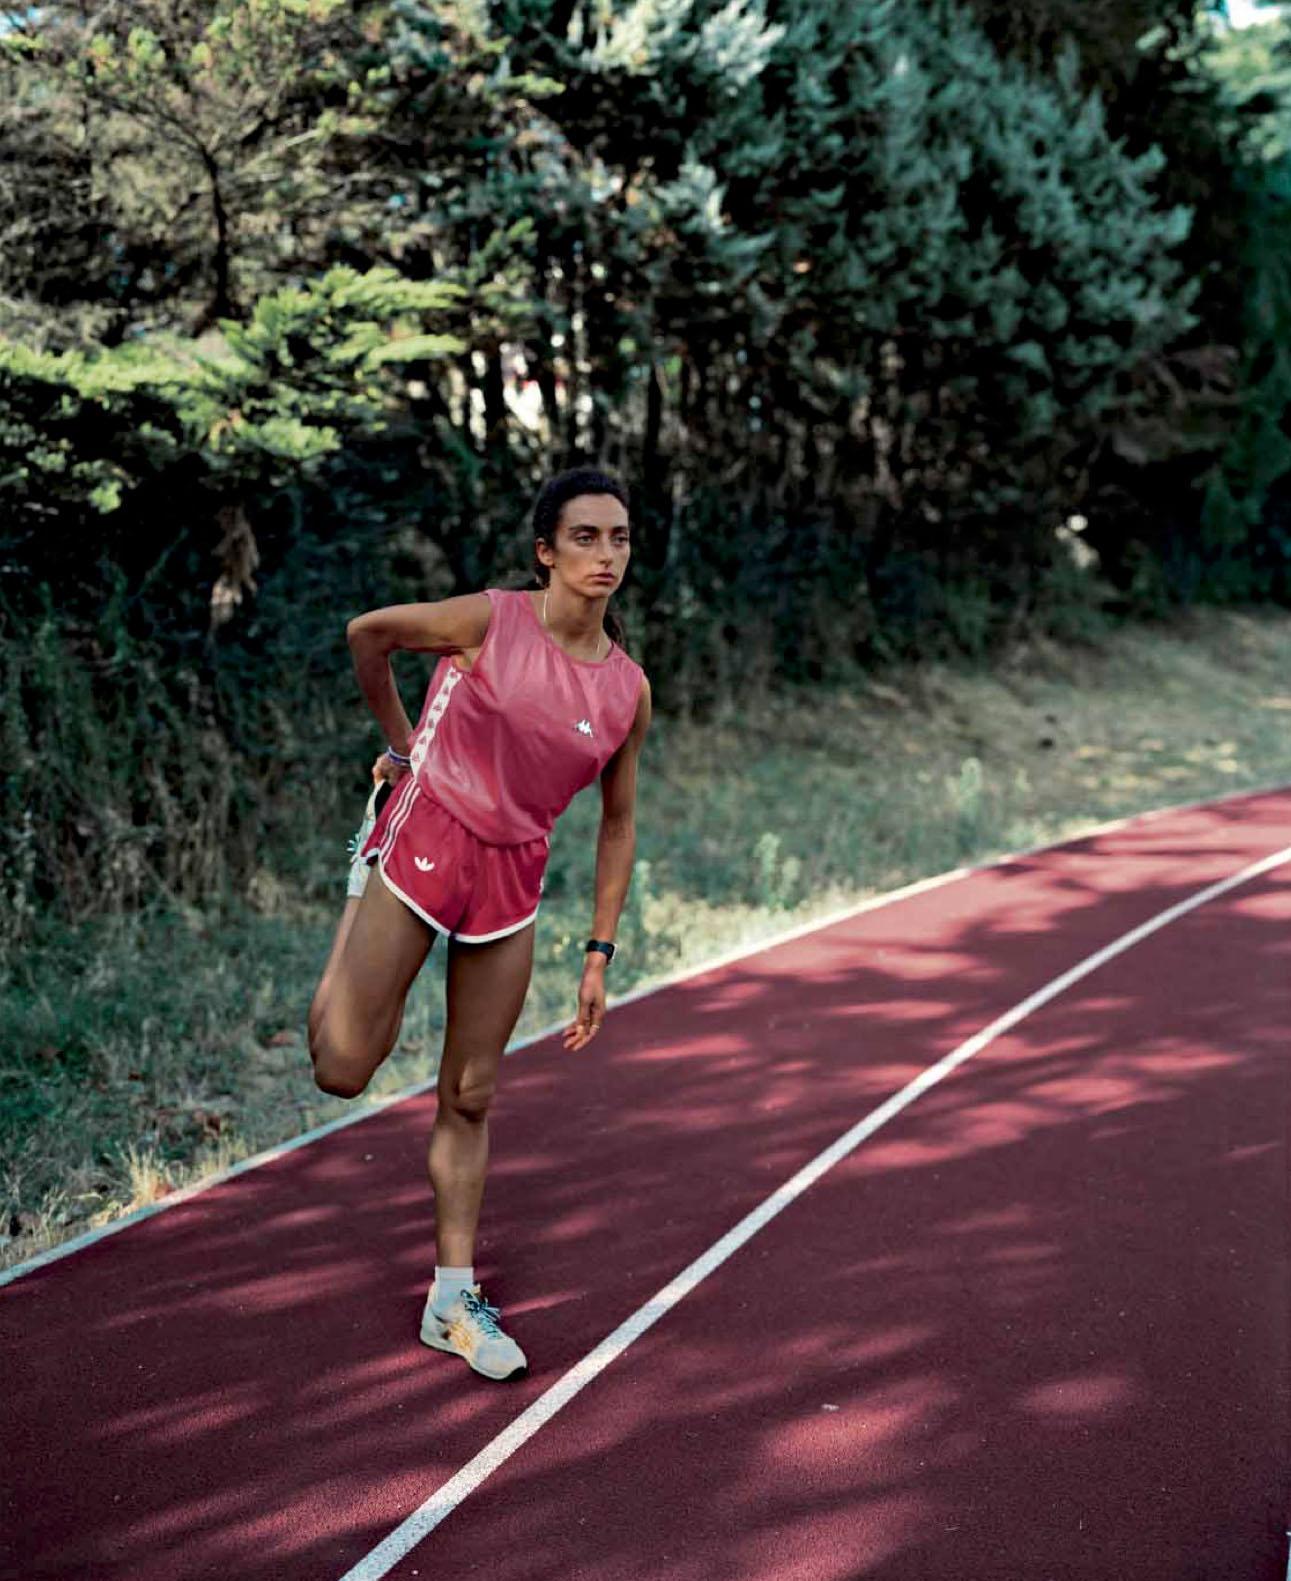 Tiziana at the running track in Frascati, November 1990